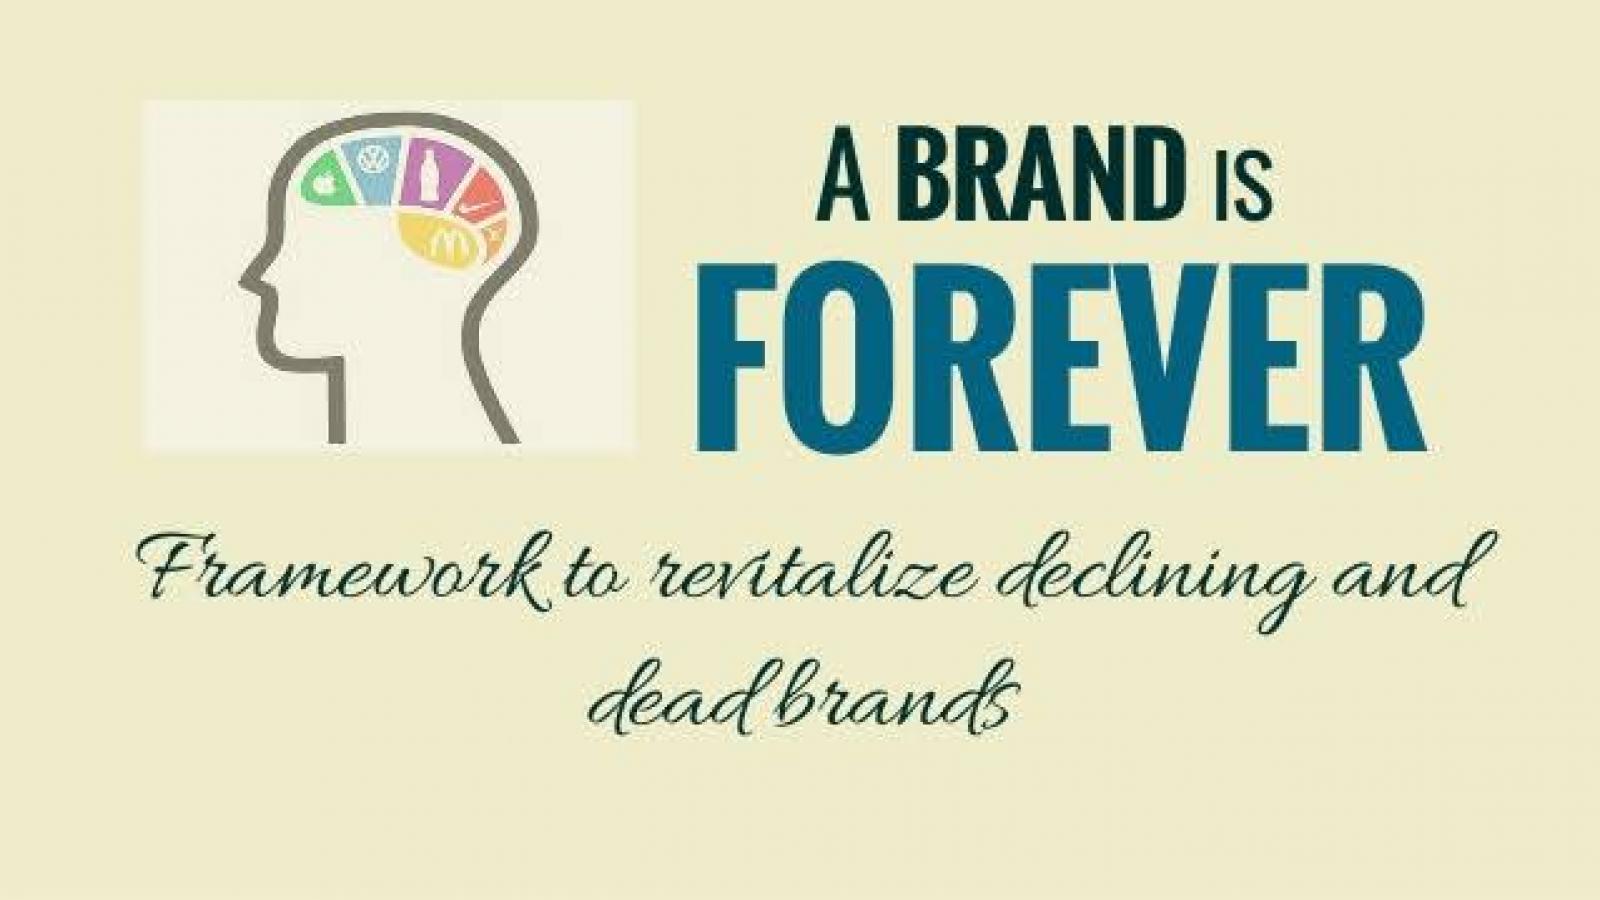 brand forever,jpg